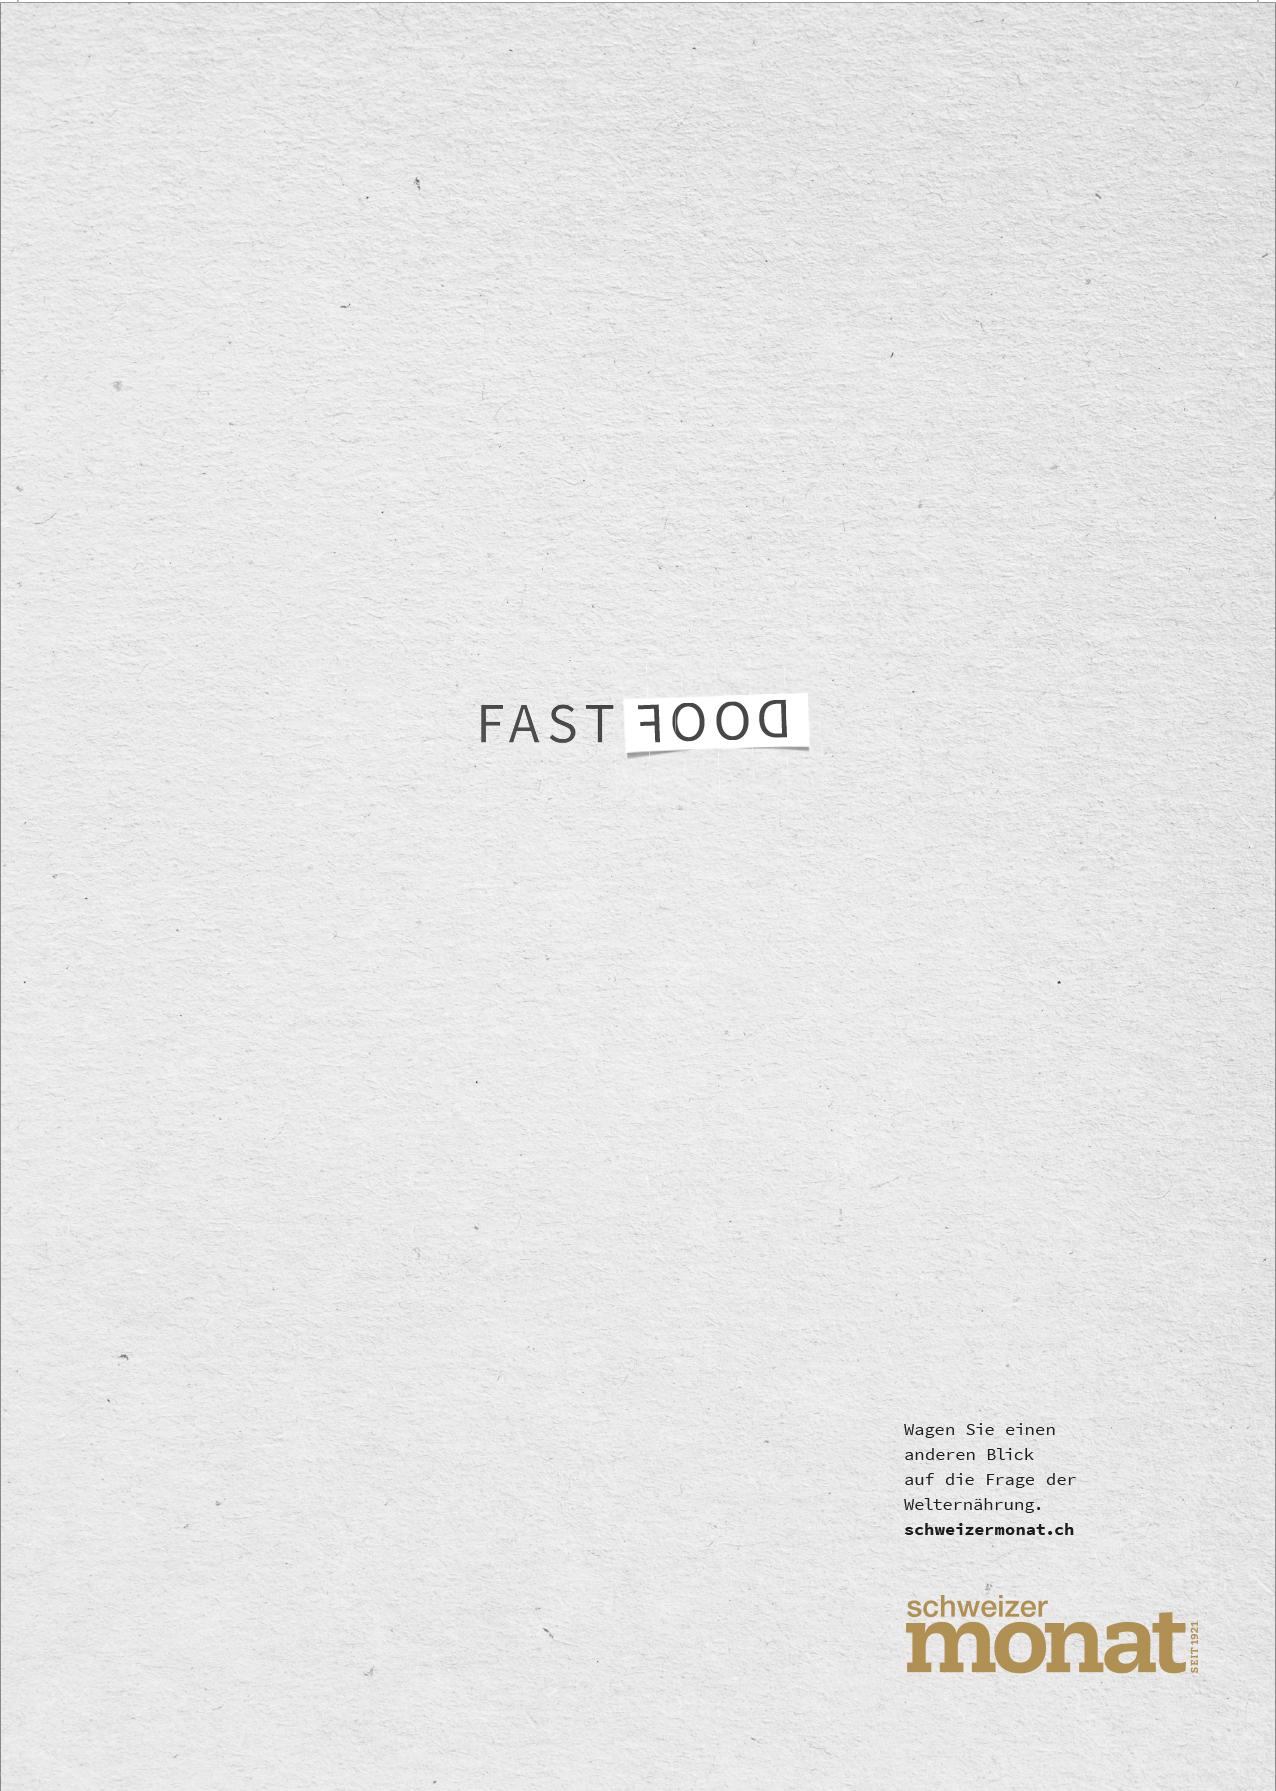 SM Anzeigen 210x297 Palindrom X FastFood.jpg